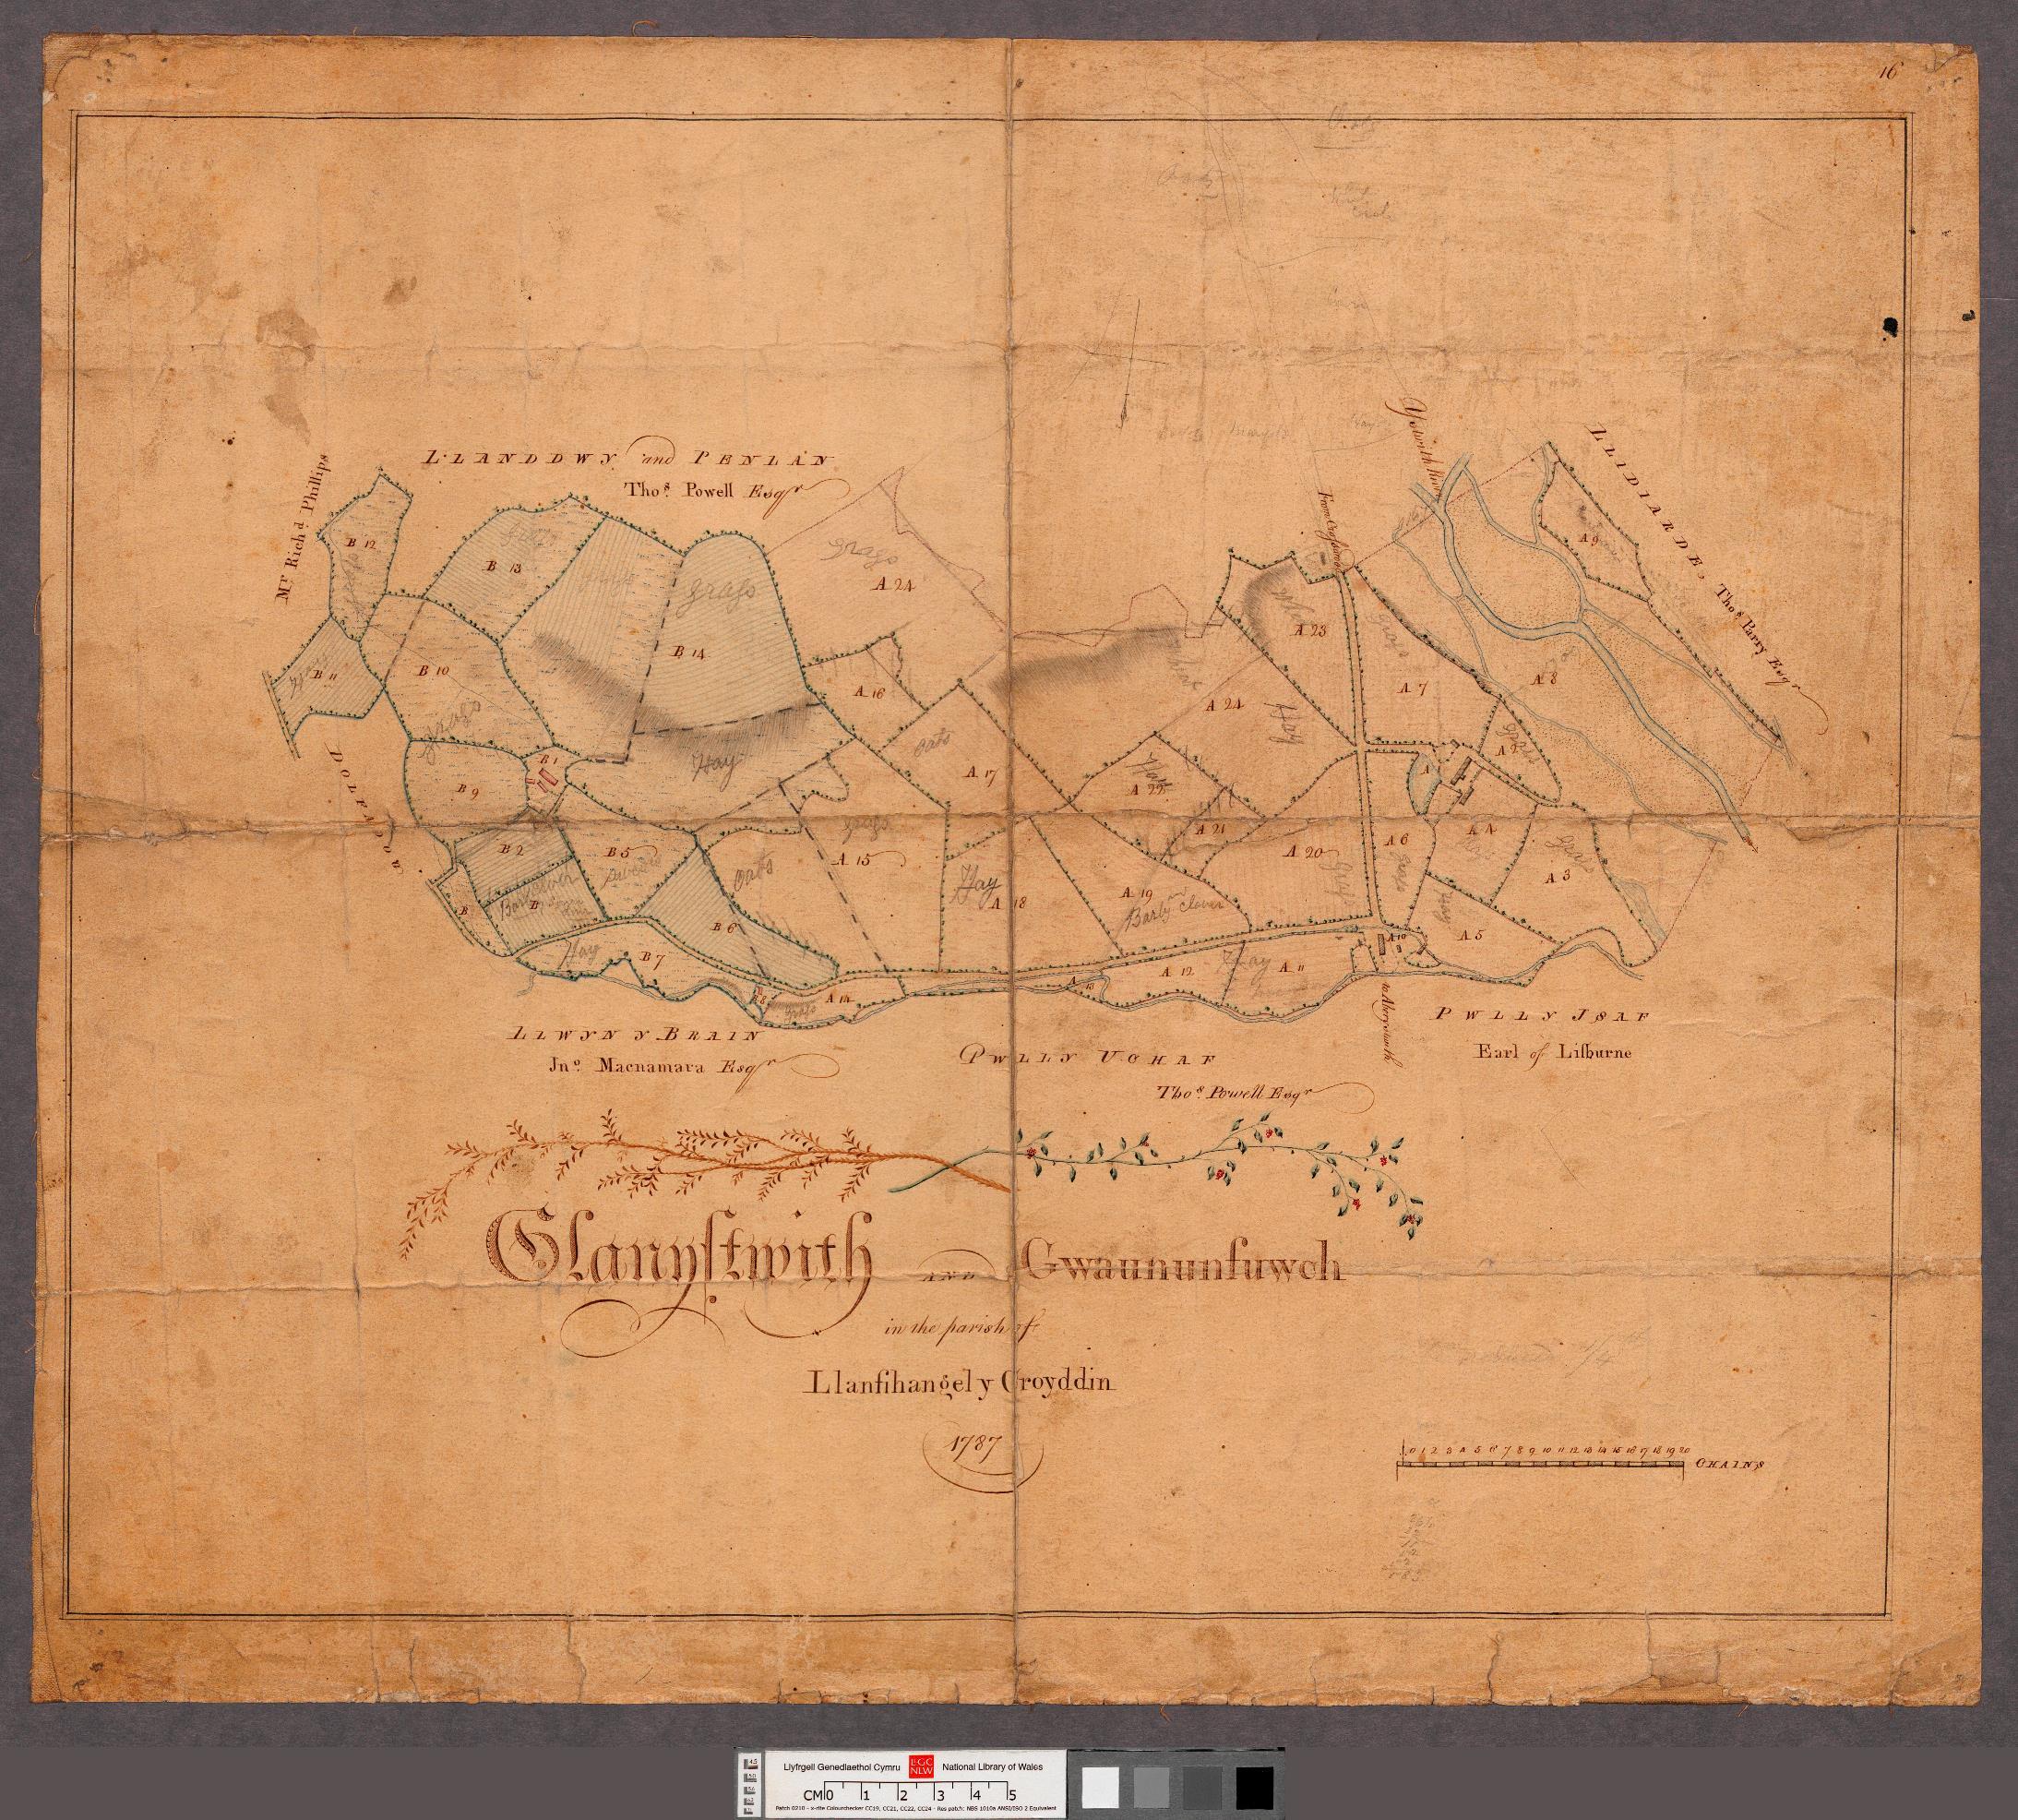 Glanystwyth Map 1787